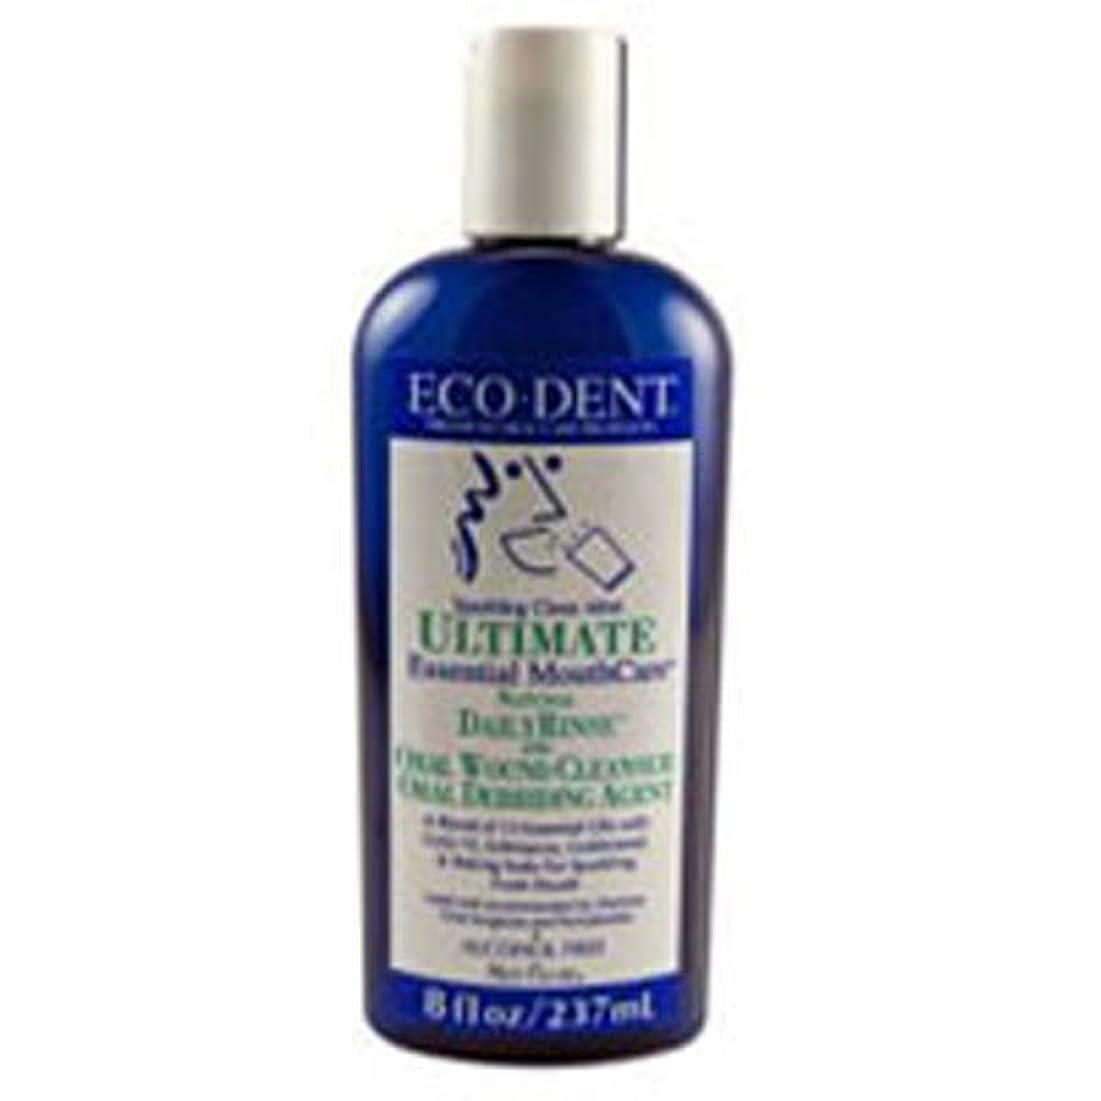 啓示防衛持参Eco-Dent International - Ultimate Natural Dailyrinse Clean Mint, 8 fl oz liquid by Eco-Dent